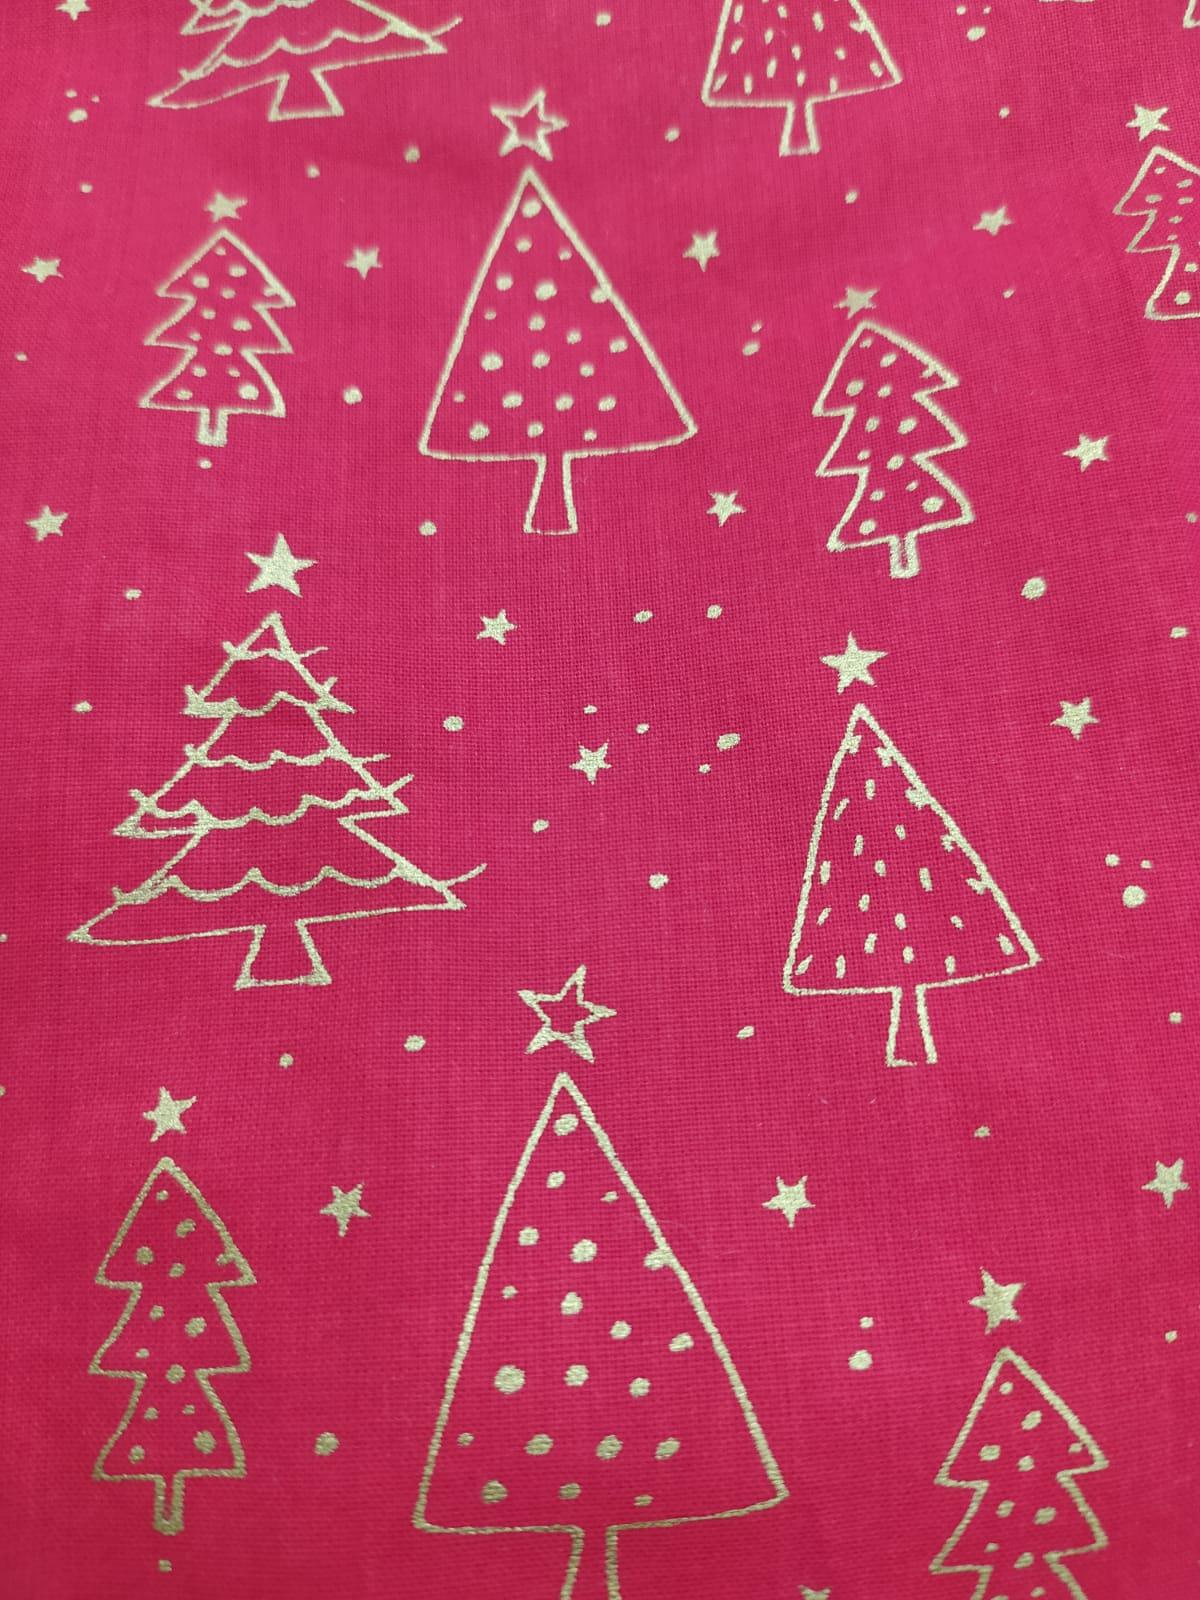 Arboles de navidad con fondo rojo